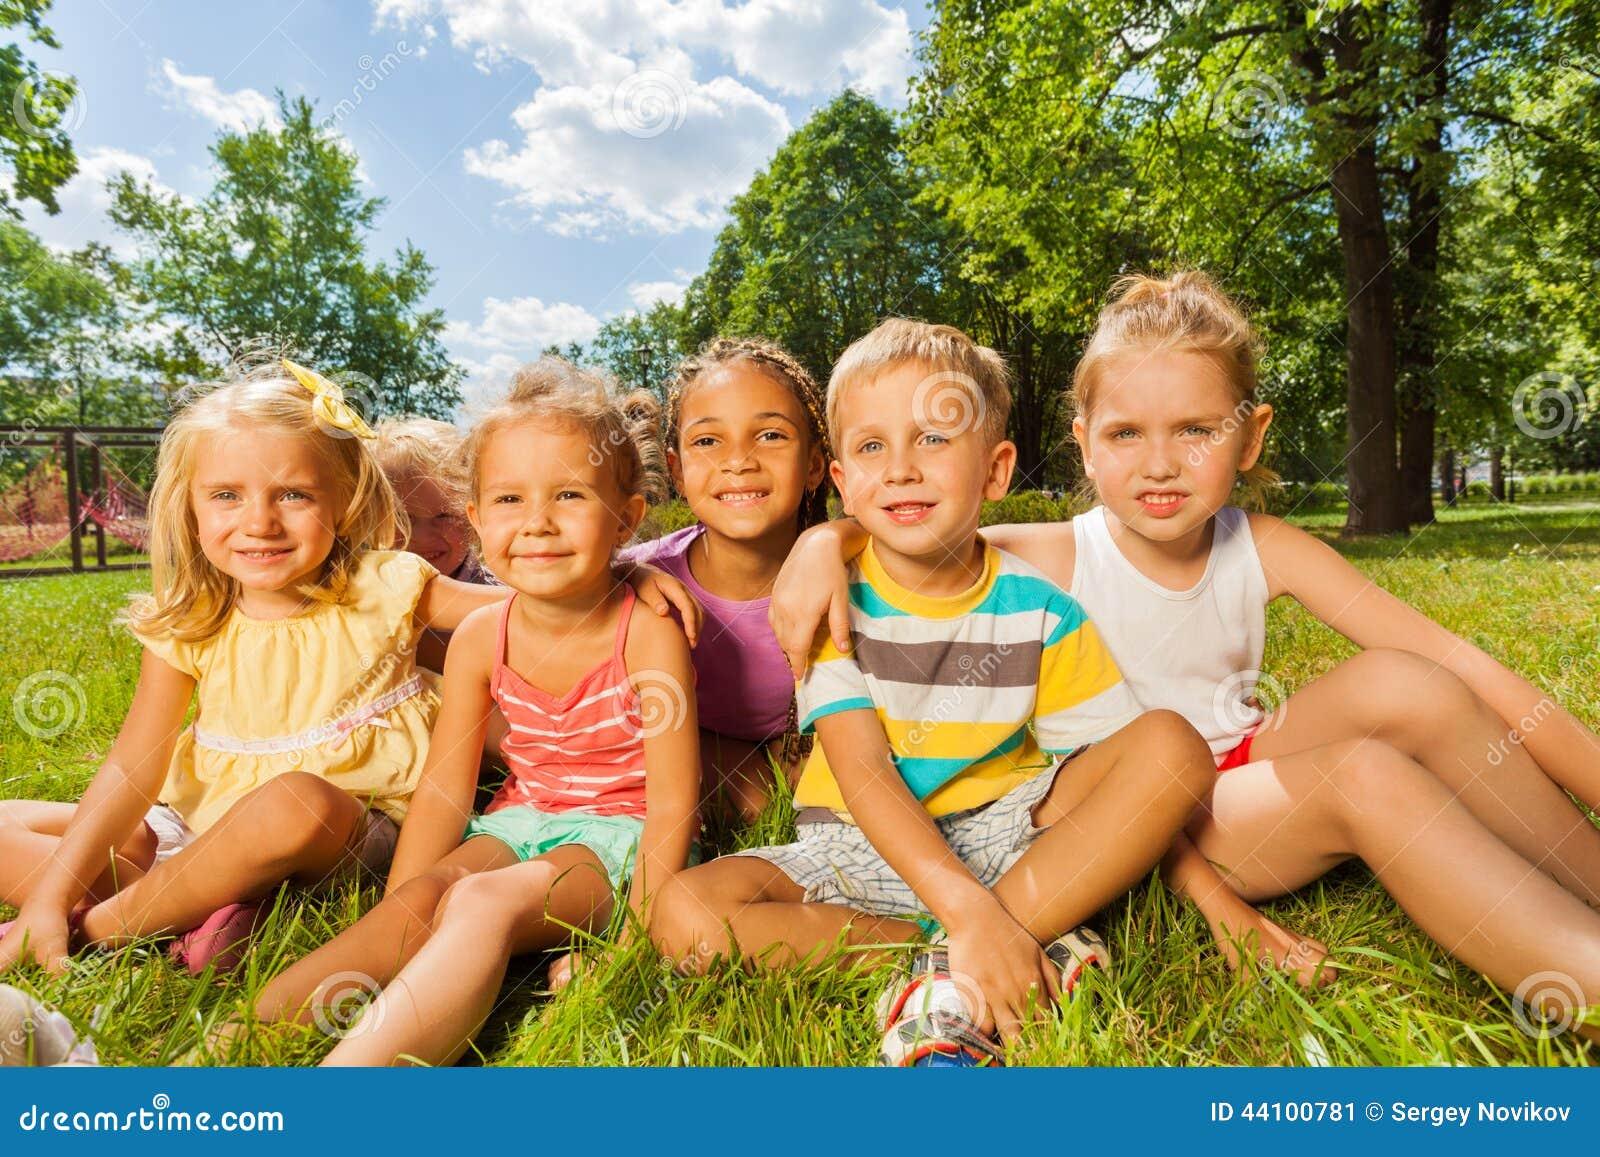 Bambini ragazzi e ragazze sul prato inglese in parco - Soleggiato in inglese ...